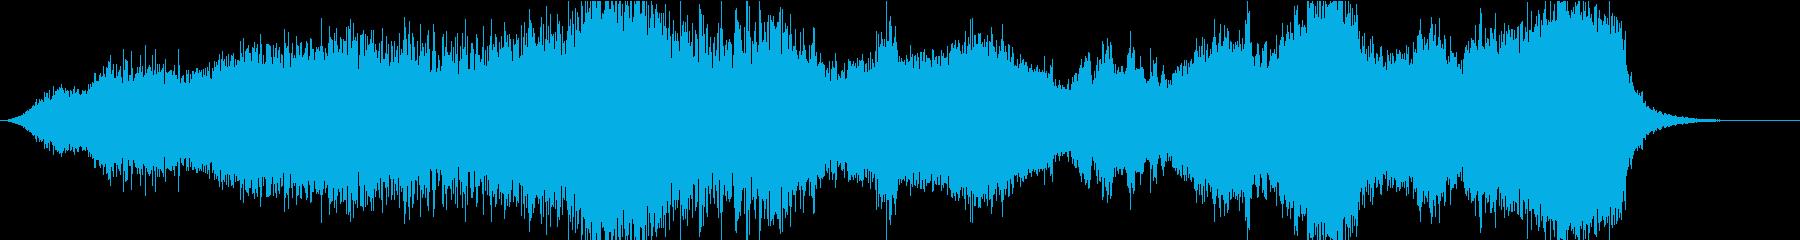 異世界2ホラーの再生済みの波形